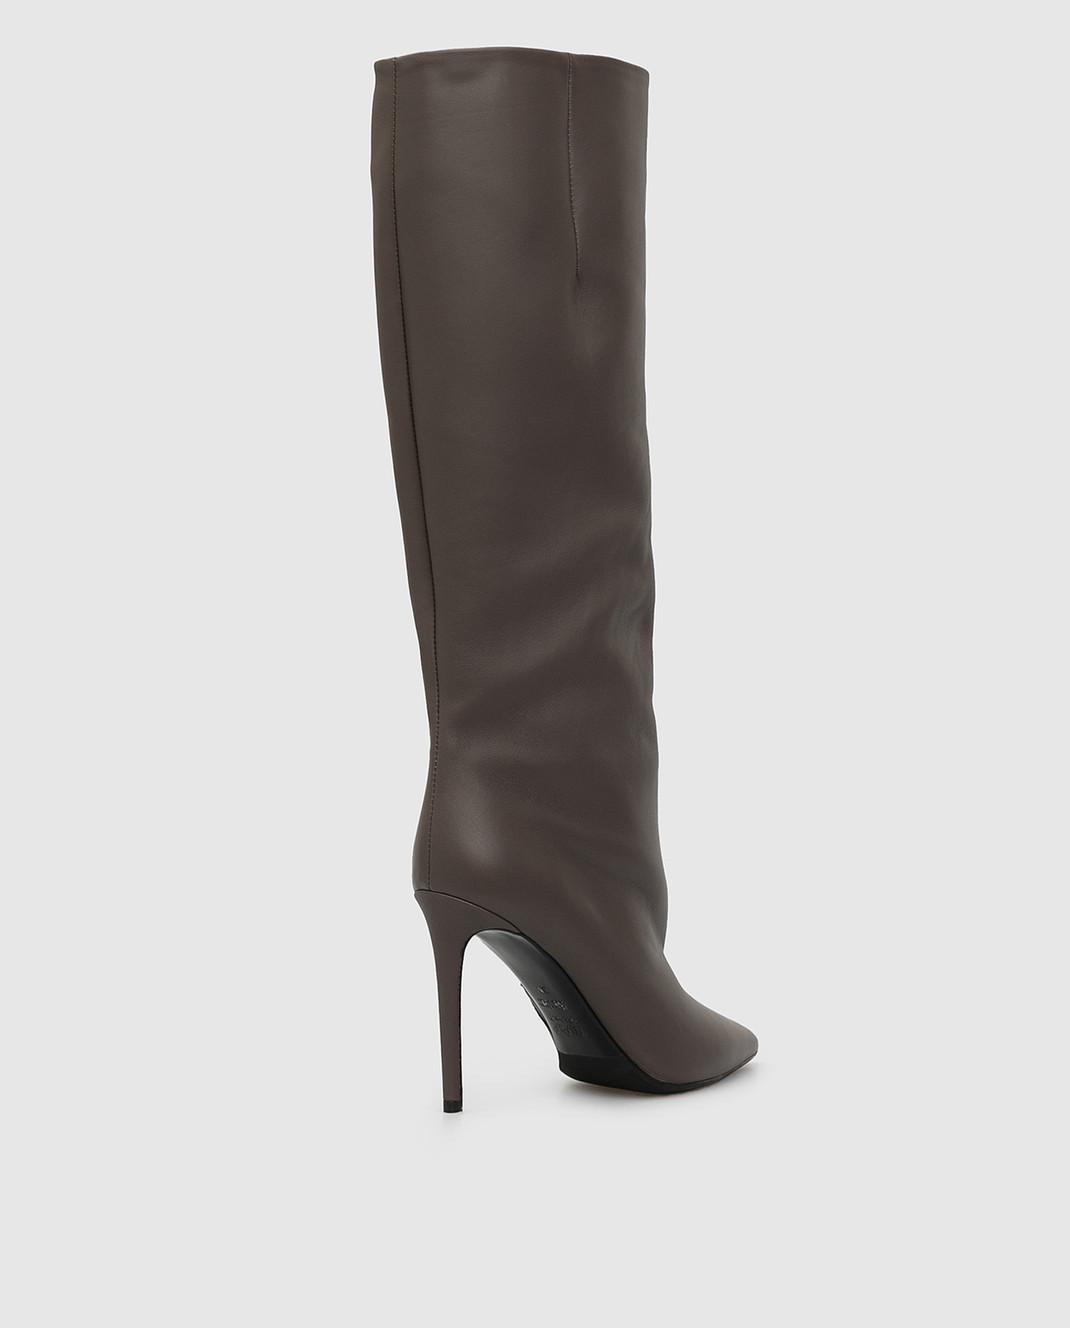 Babe Pay Pls Темно-бежевые кожаные сапоги изображение 4